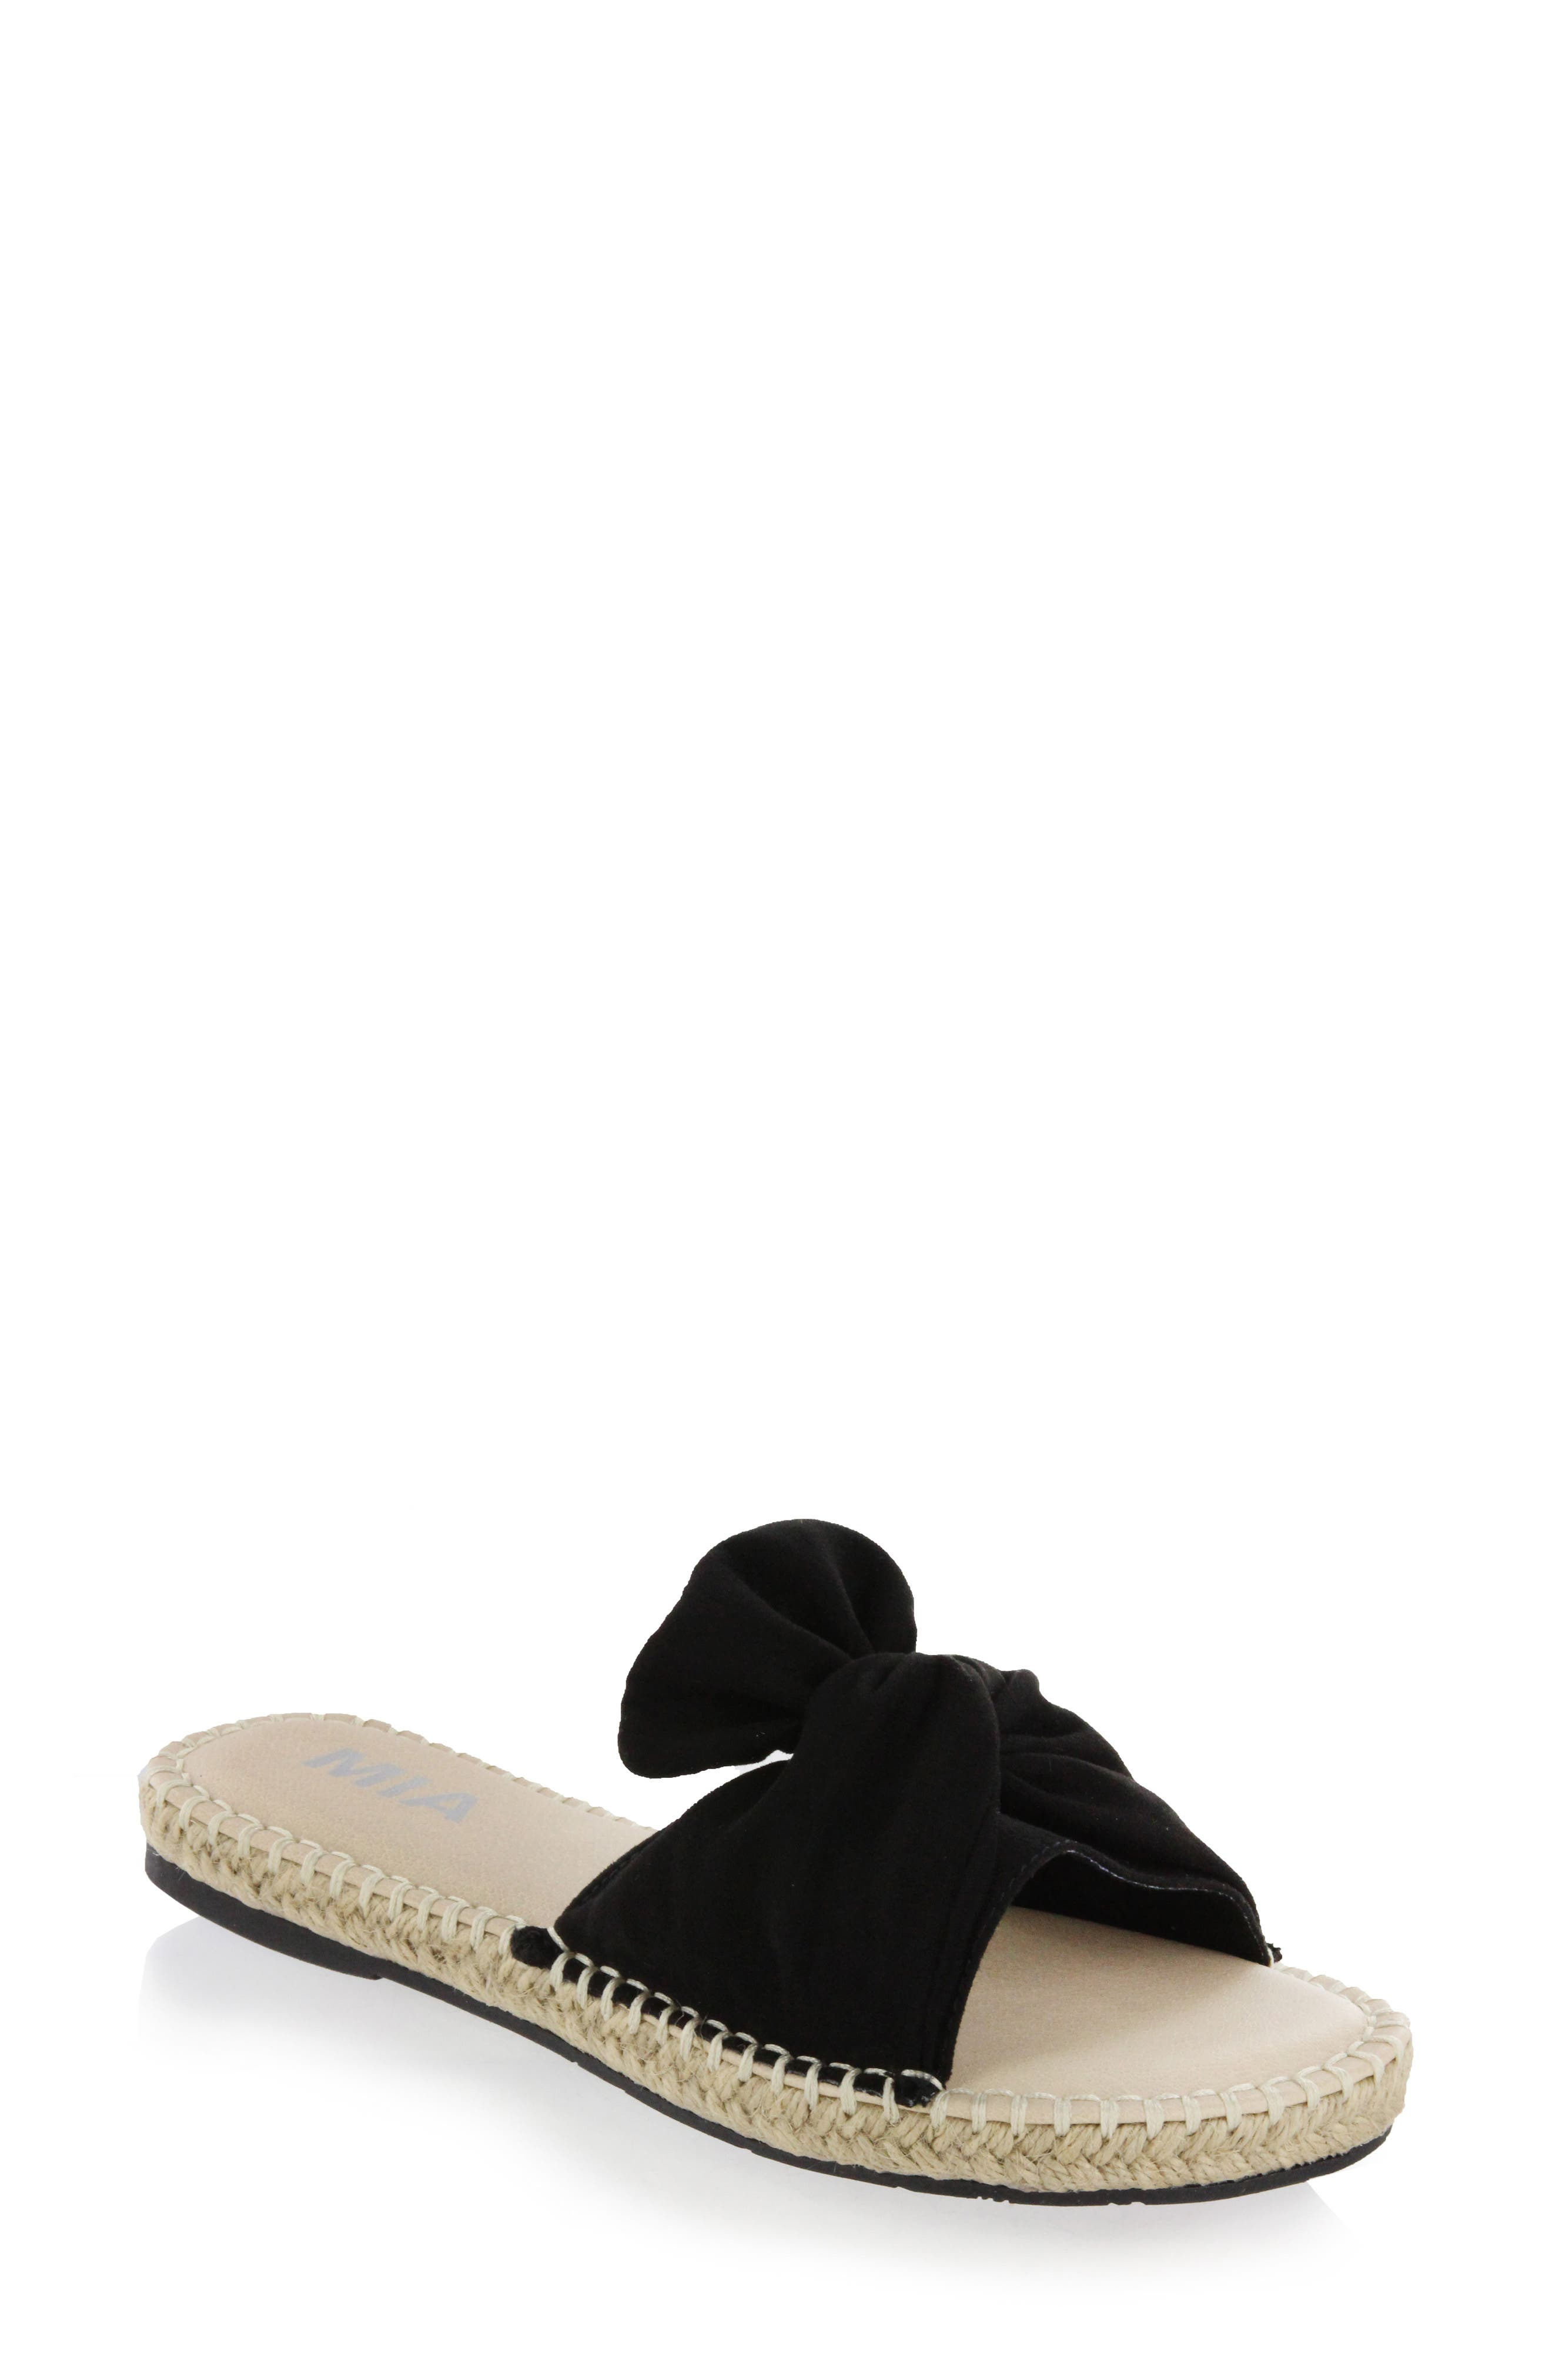 Kensi Knotted Slide Sandal,                         Main,                         color, Black Nova Suede